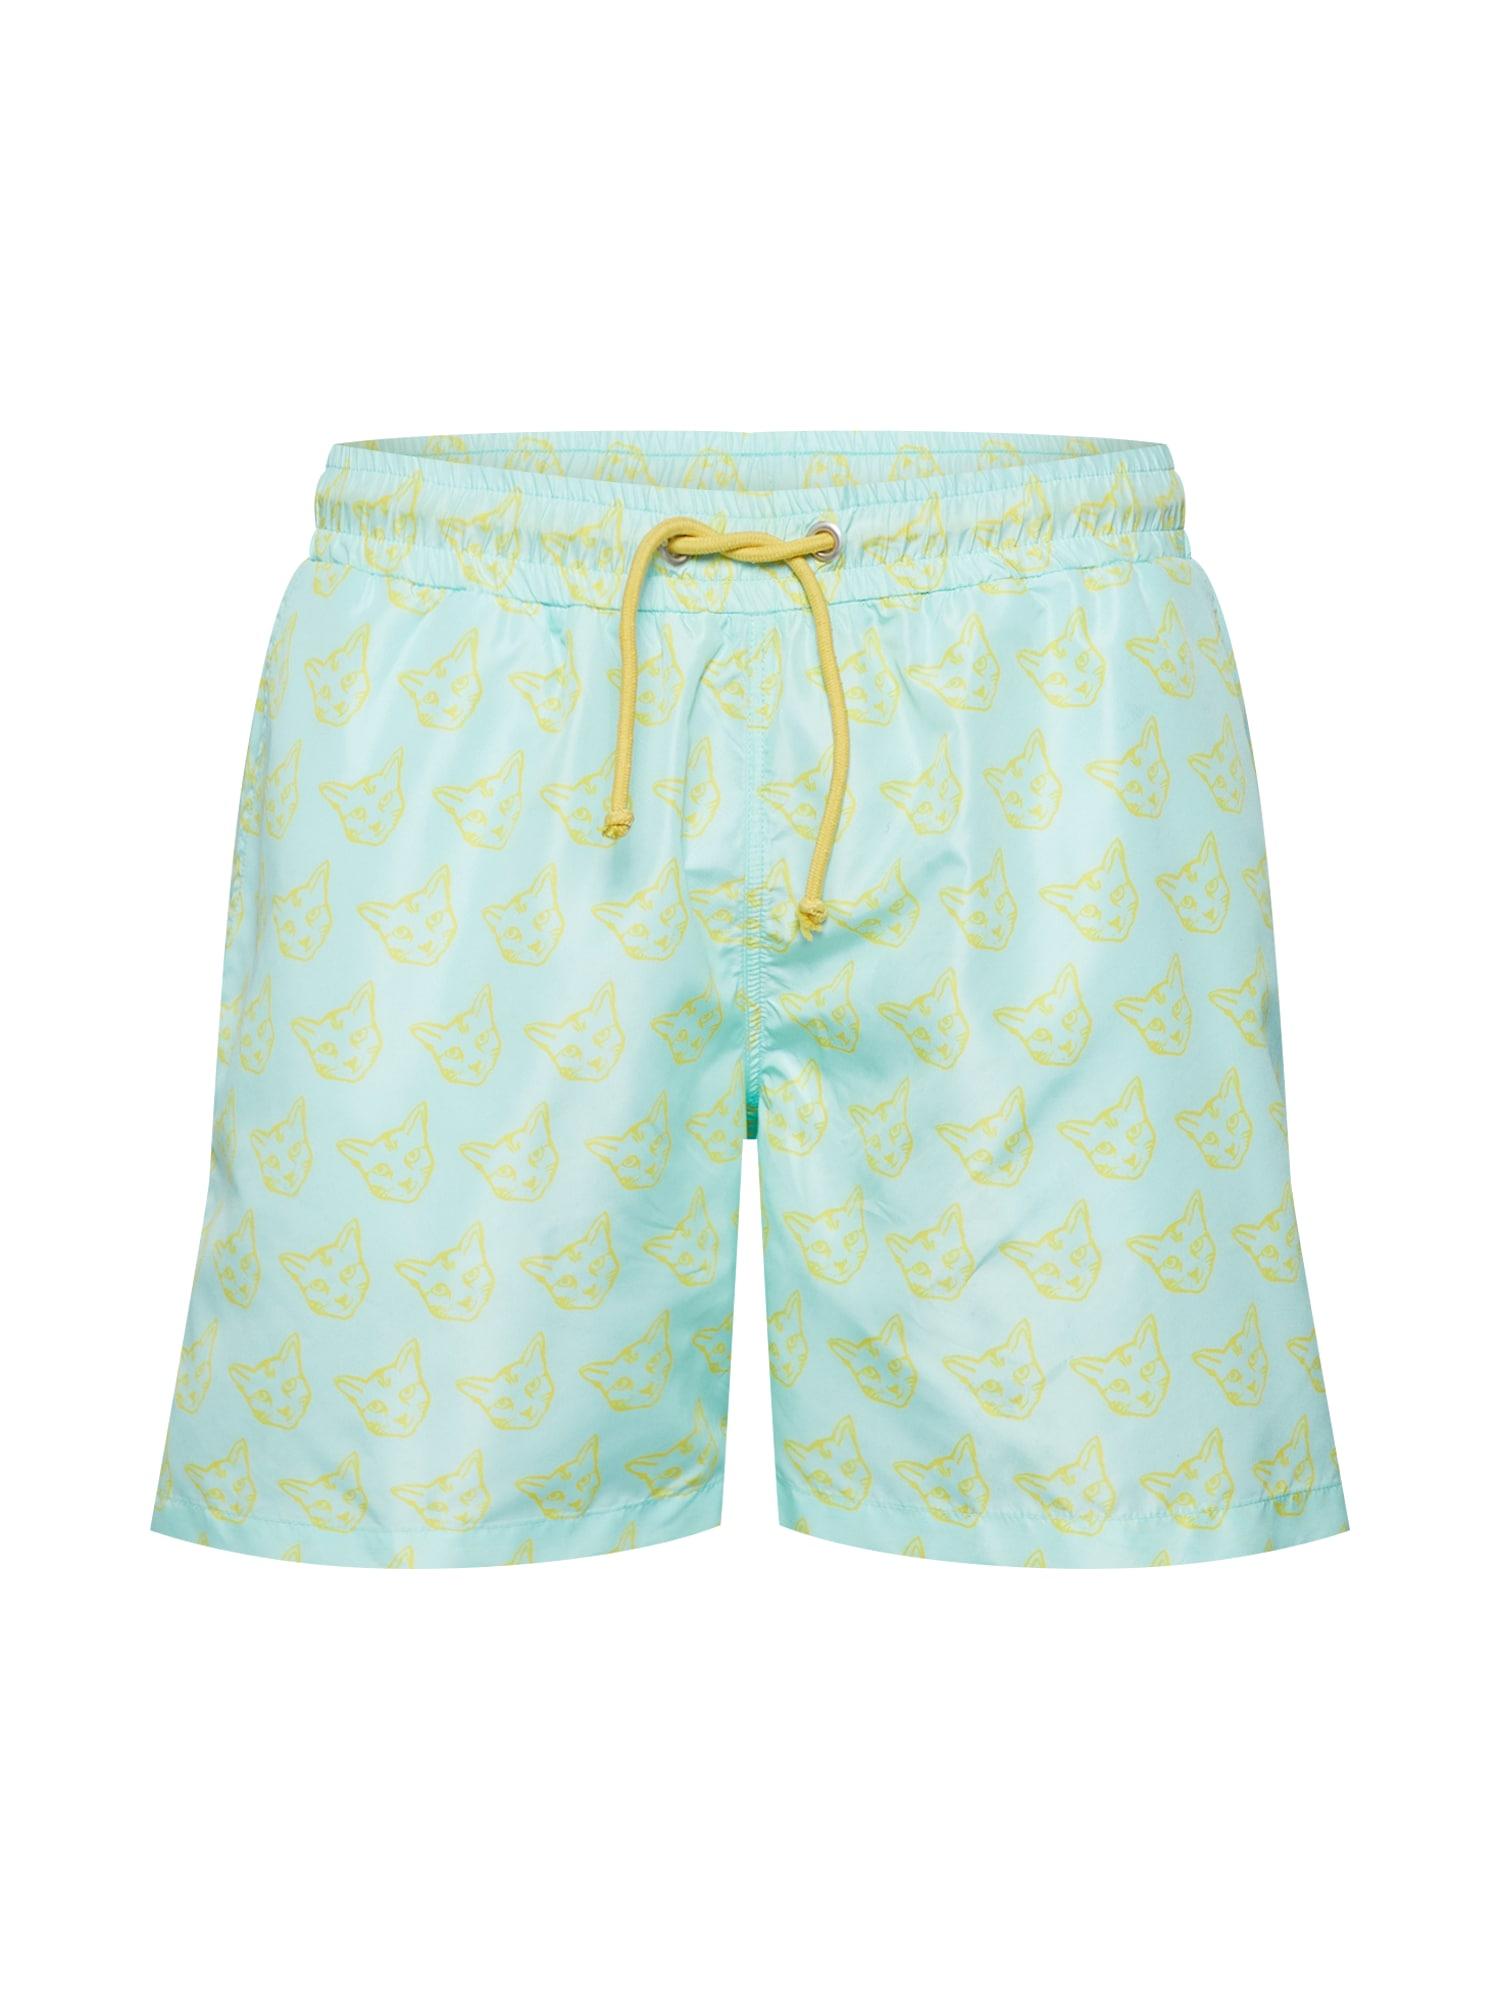 Plavecké šortky Taylor tyrkysová žlutá ABOUT YOU X PARI